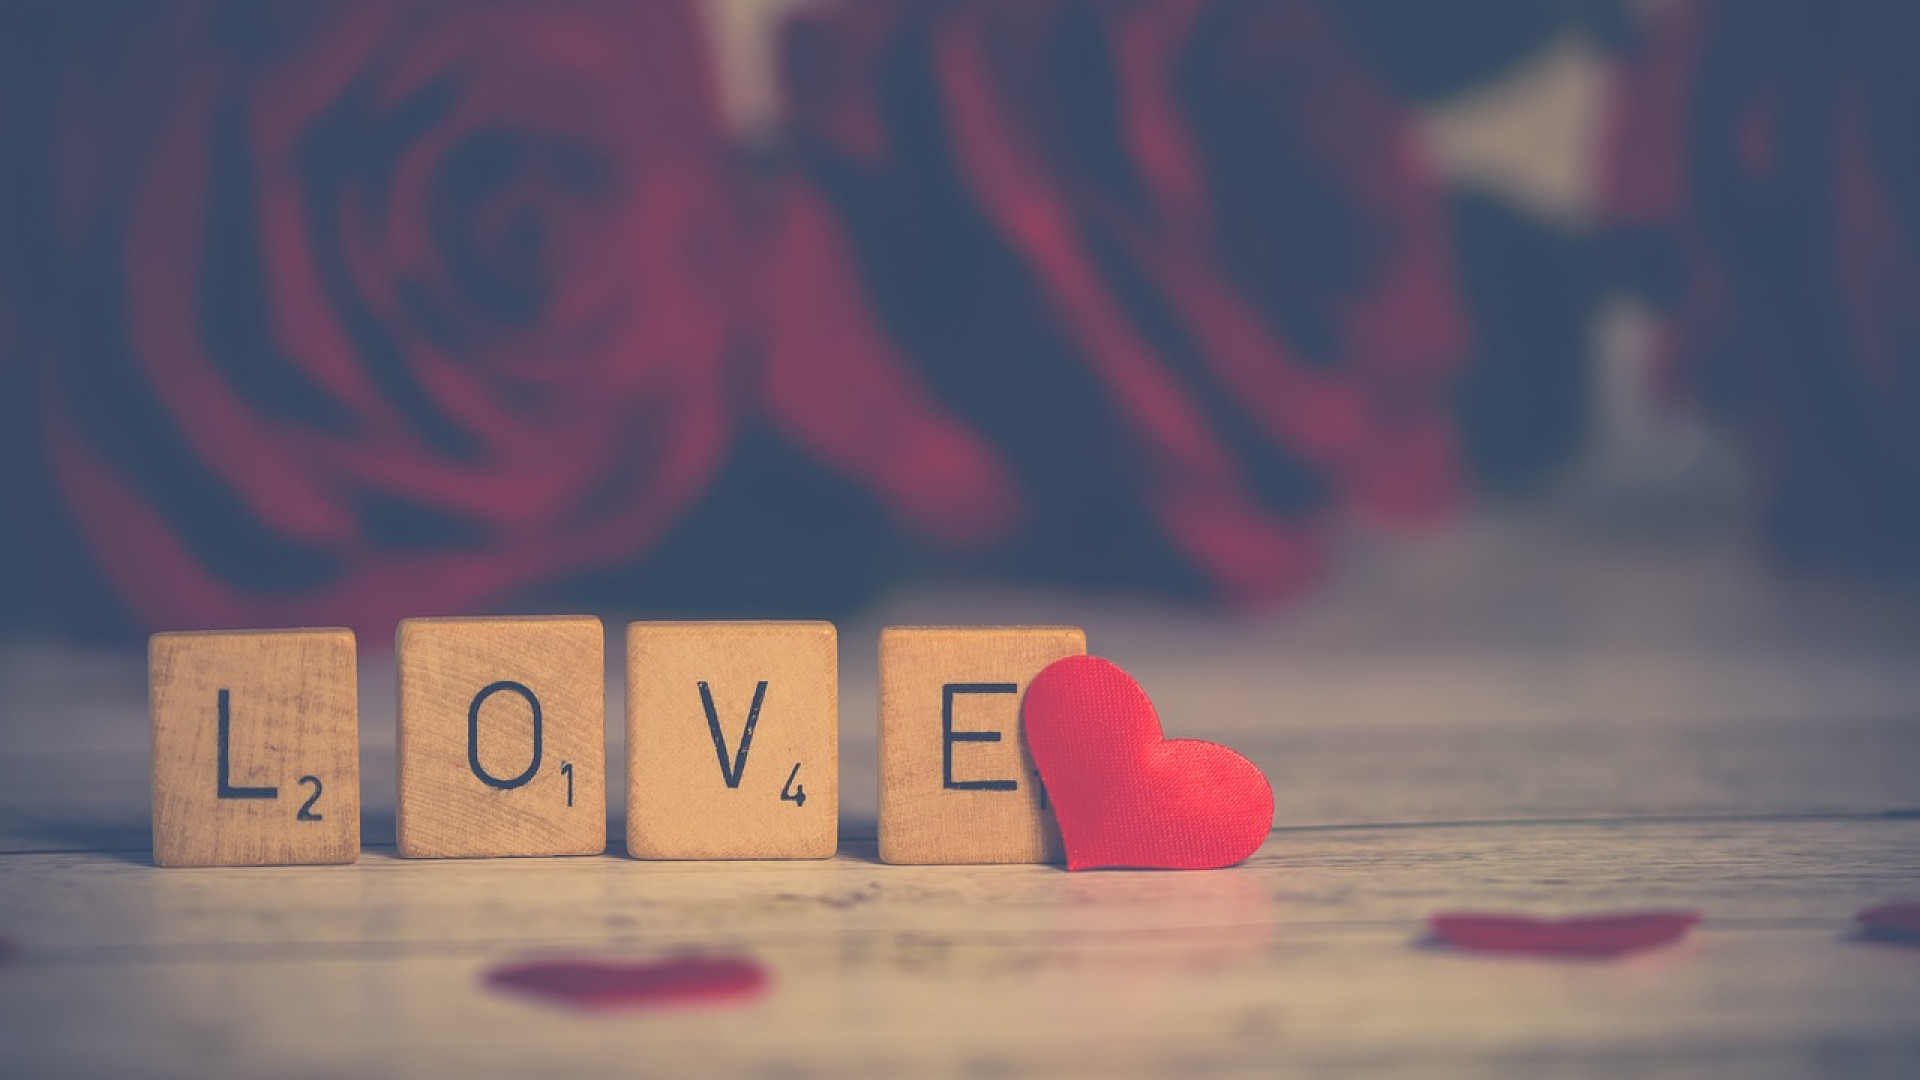 Rencontrer l'amour sur internet, c'est tout à fait envisageable